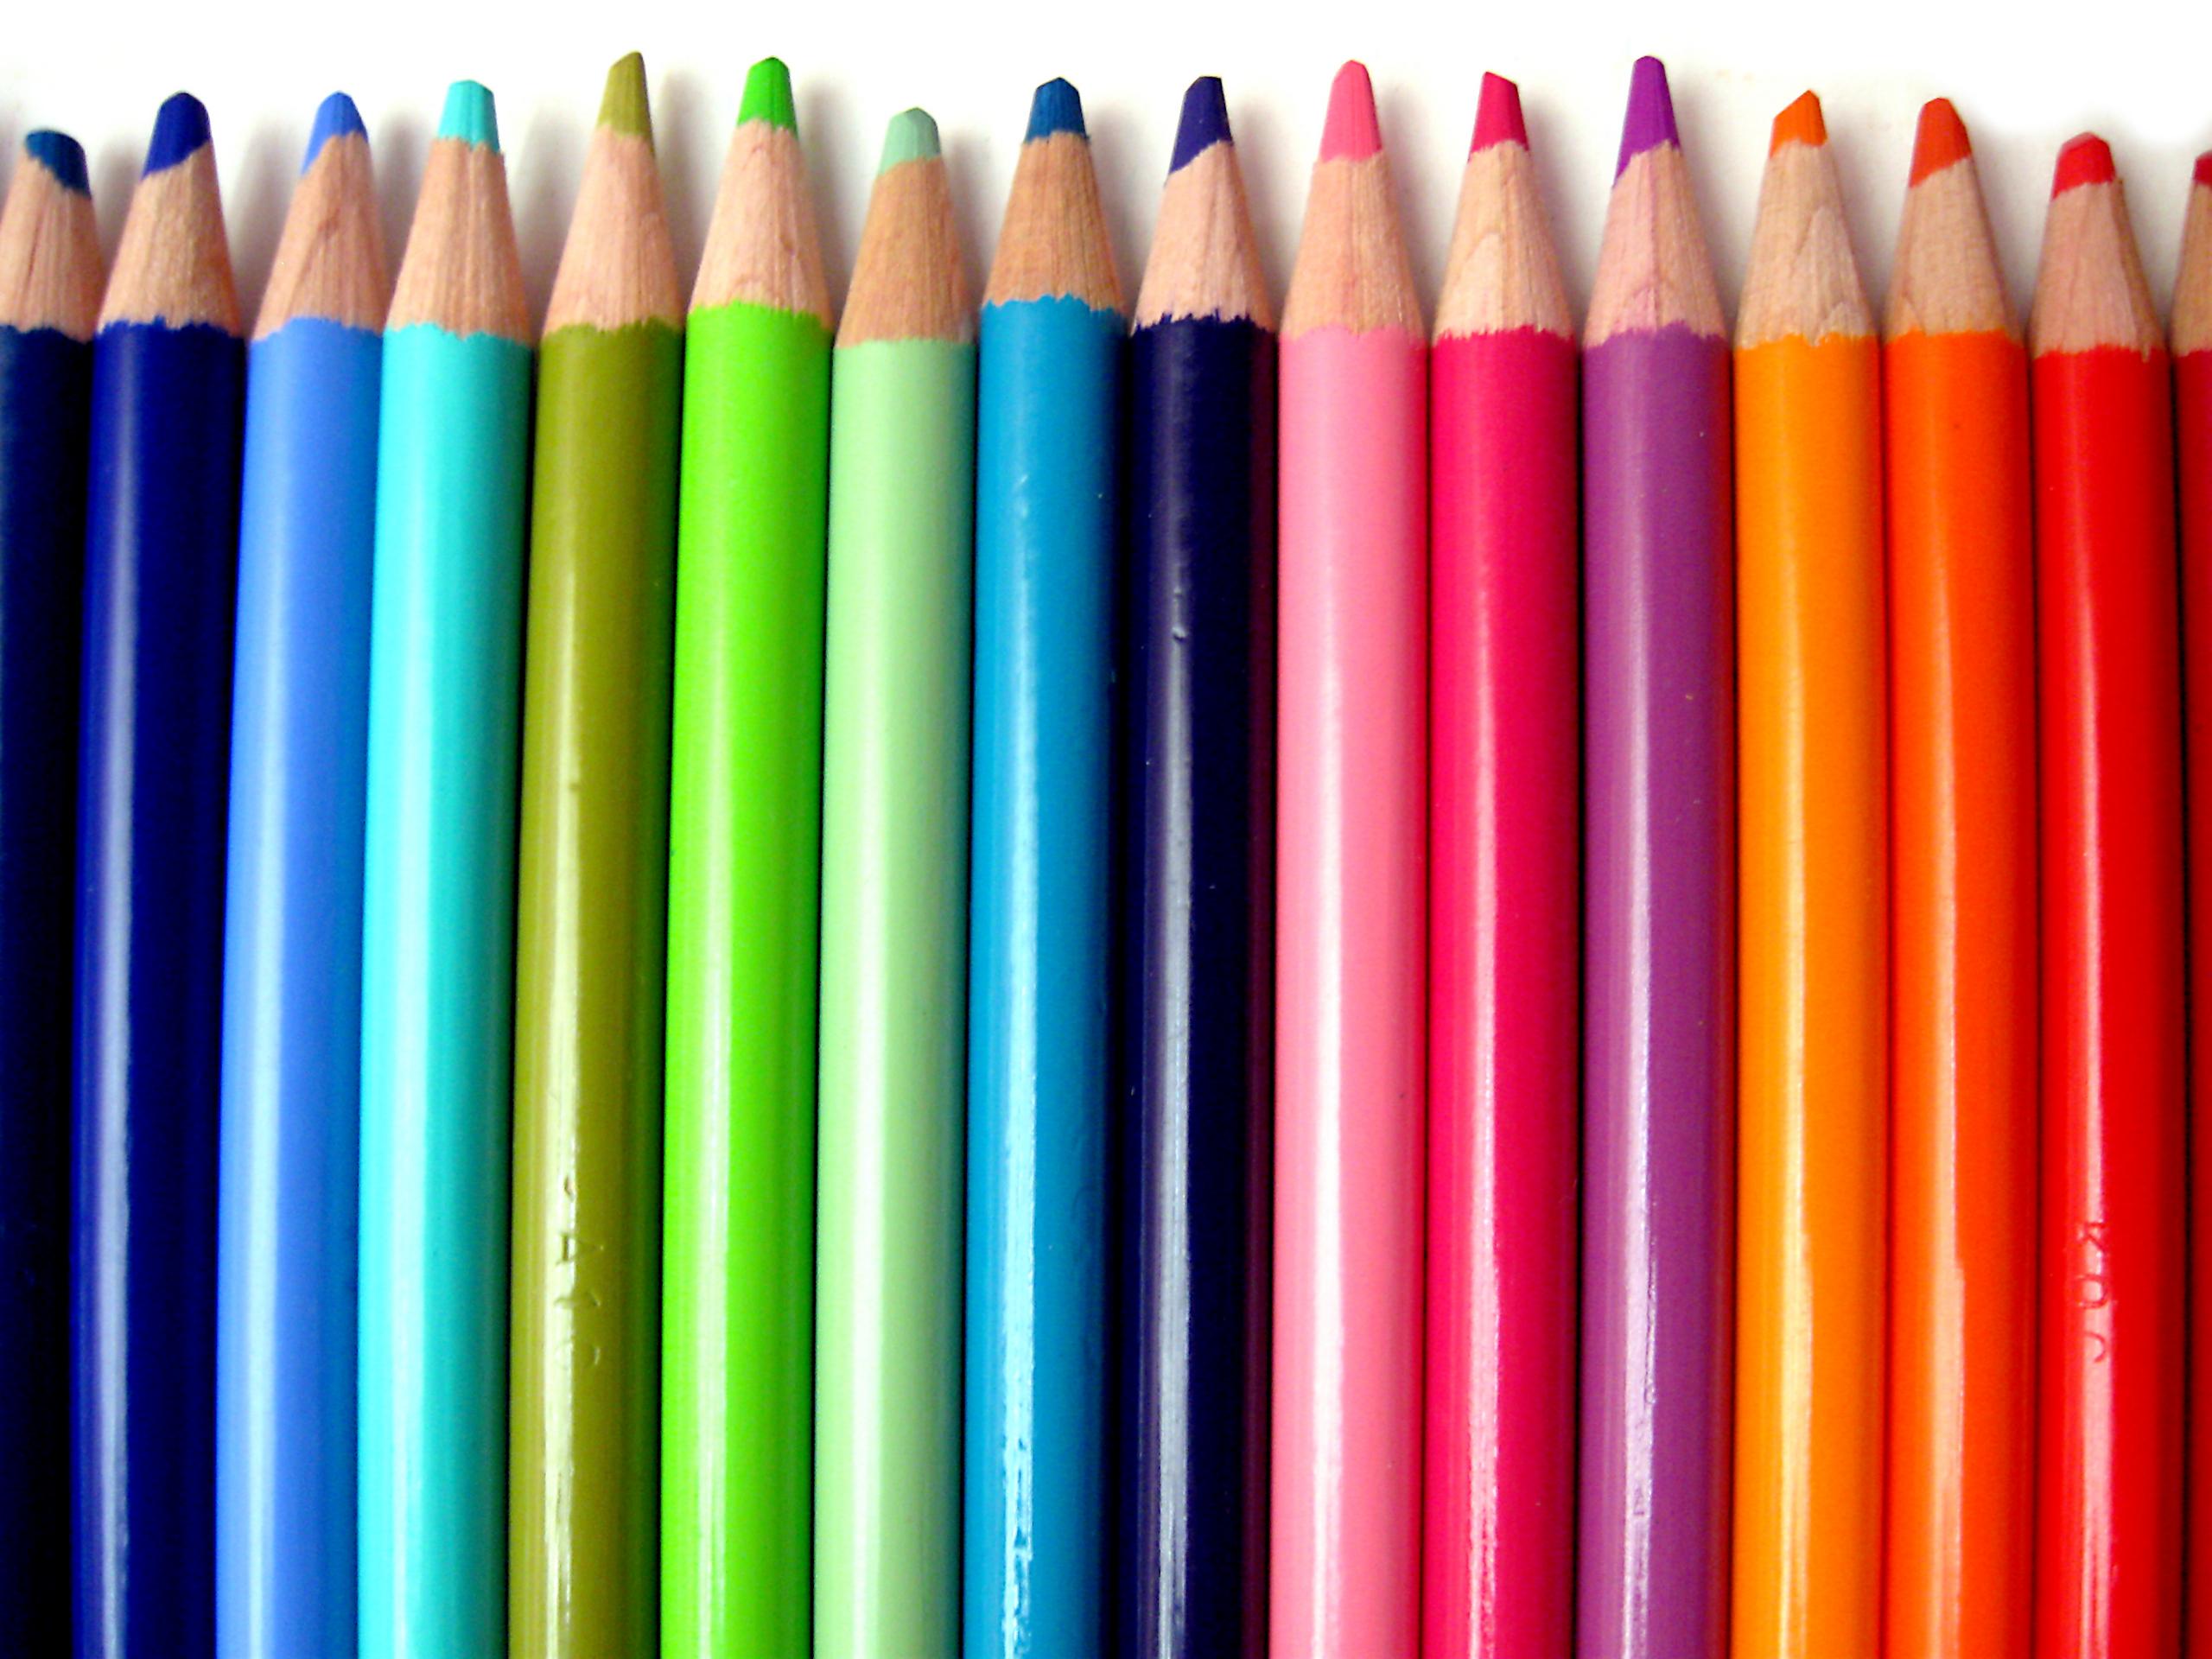 color pencils misspansea photo 31912091 fanpop